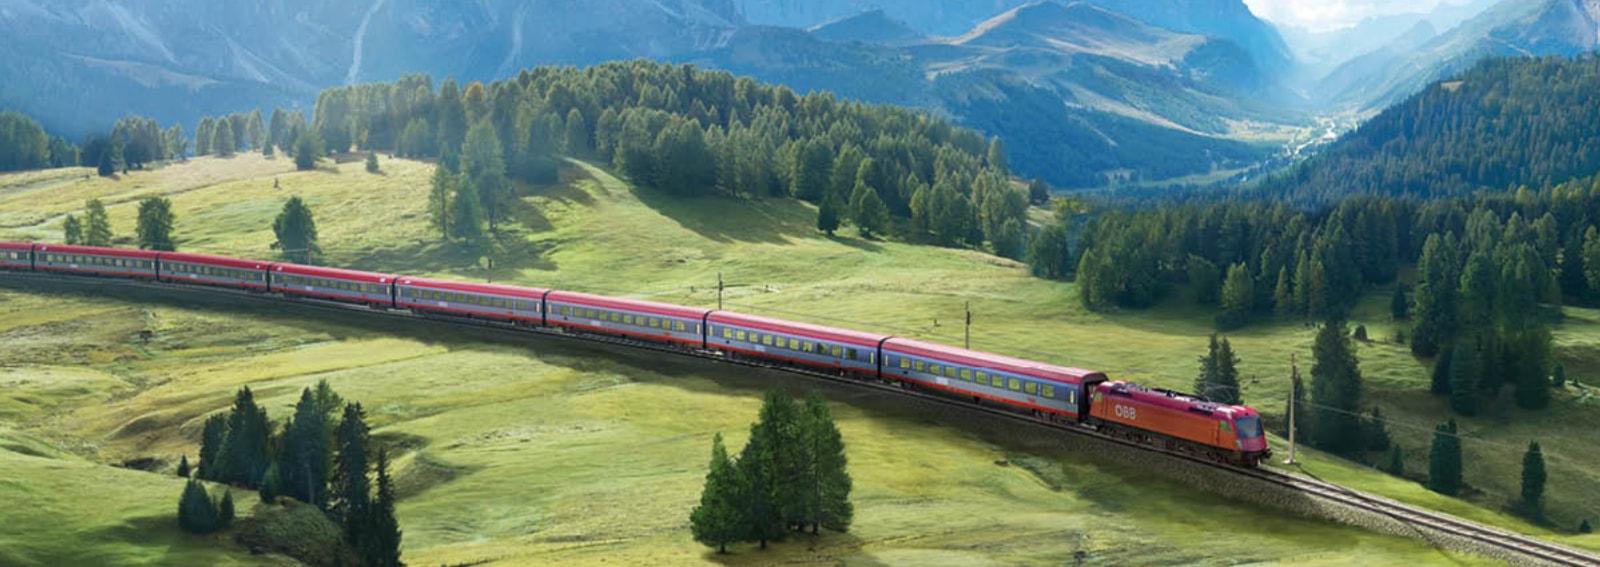 Il viaggio che hai dentro il gruppo DB BAHN ITALIA Ferrovie tedesche in collaborazione con le Ferrovie austriache agenzia Altavia Italia campagna 2019 DESK